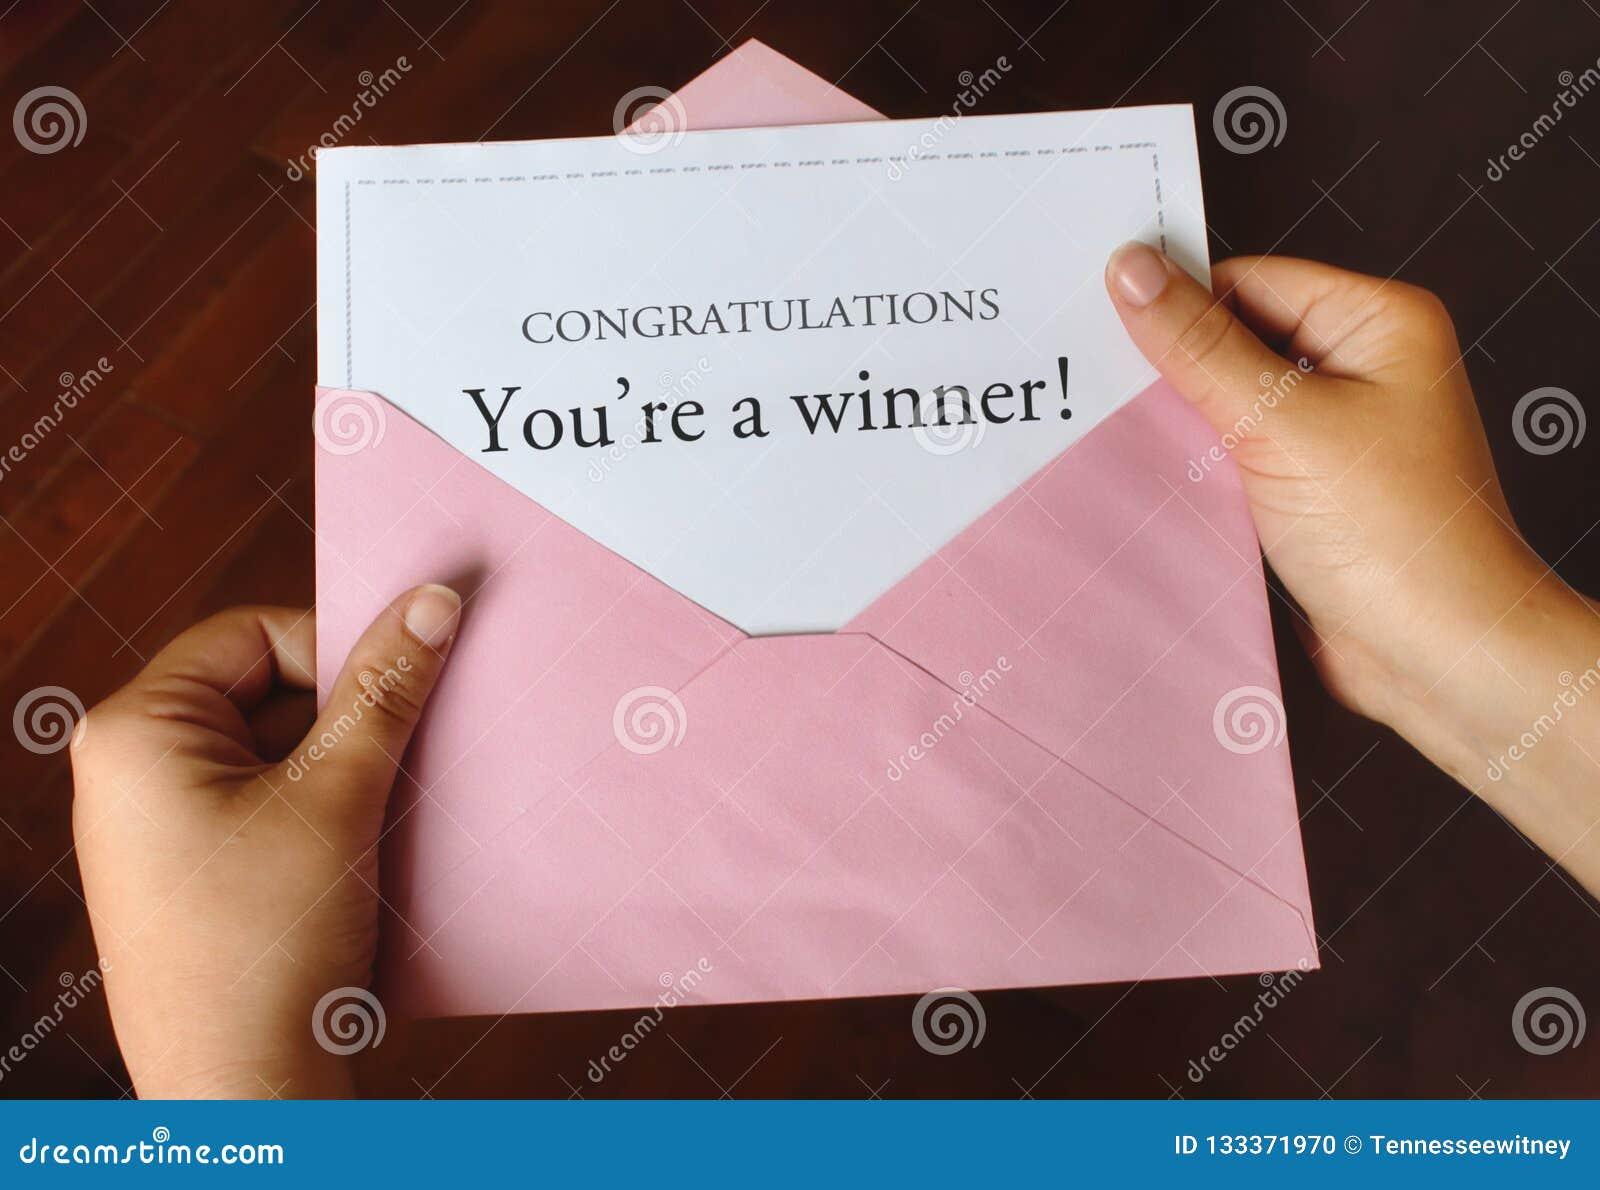 Una lettera che dice le congratulazioni siete un vincitore! con le mani che tengono una busta rosa